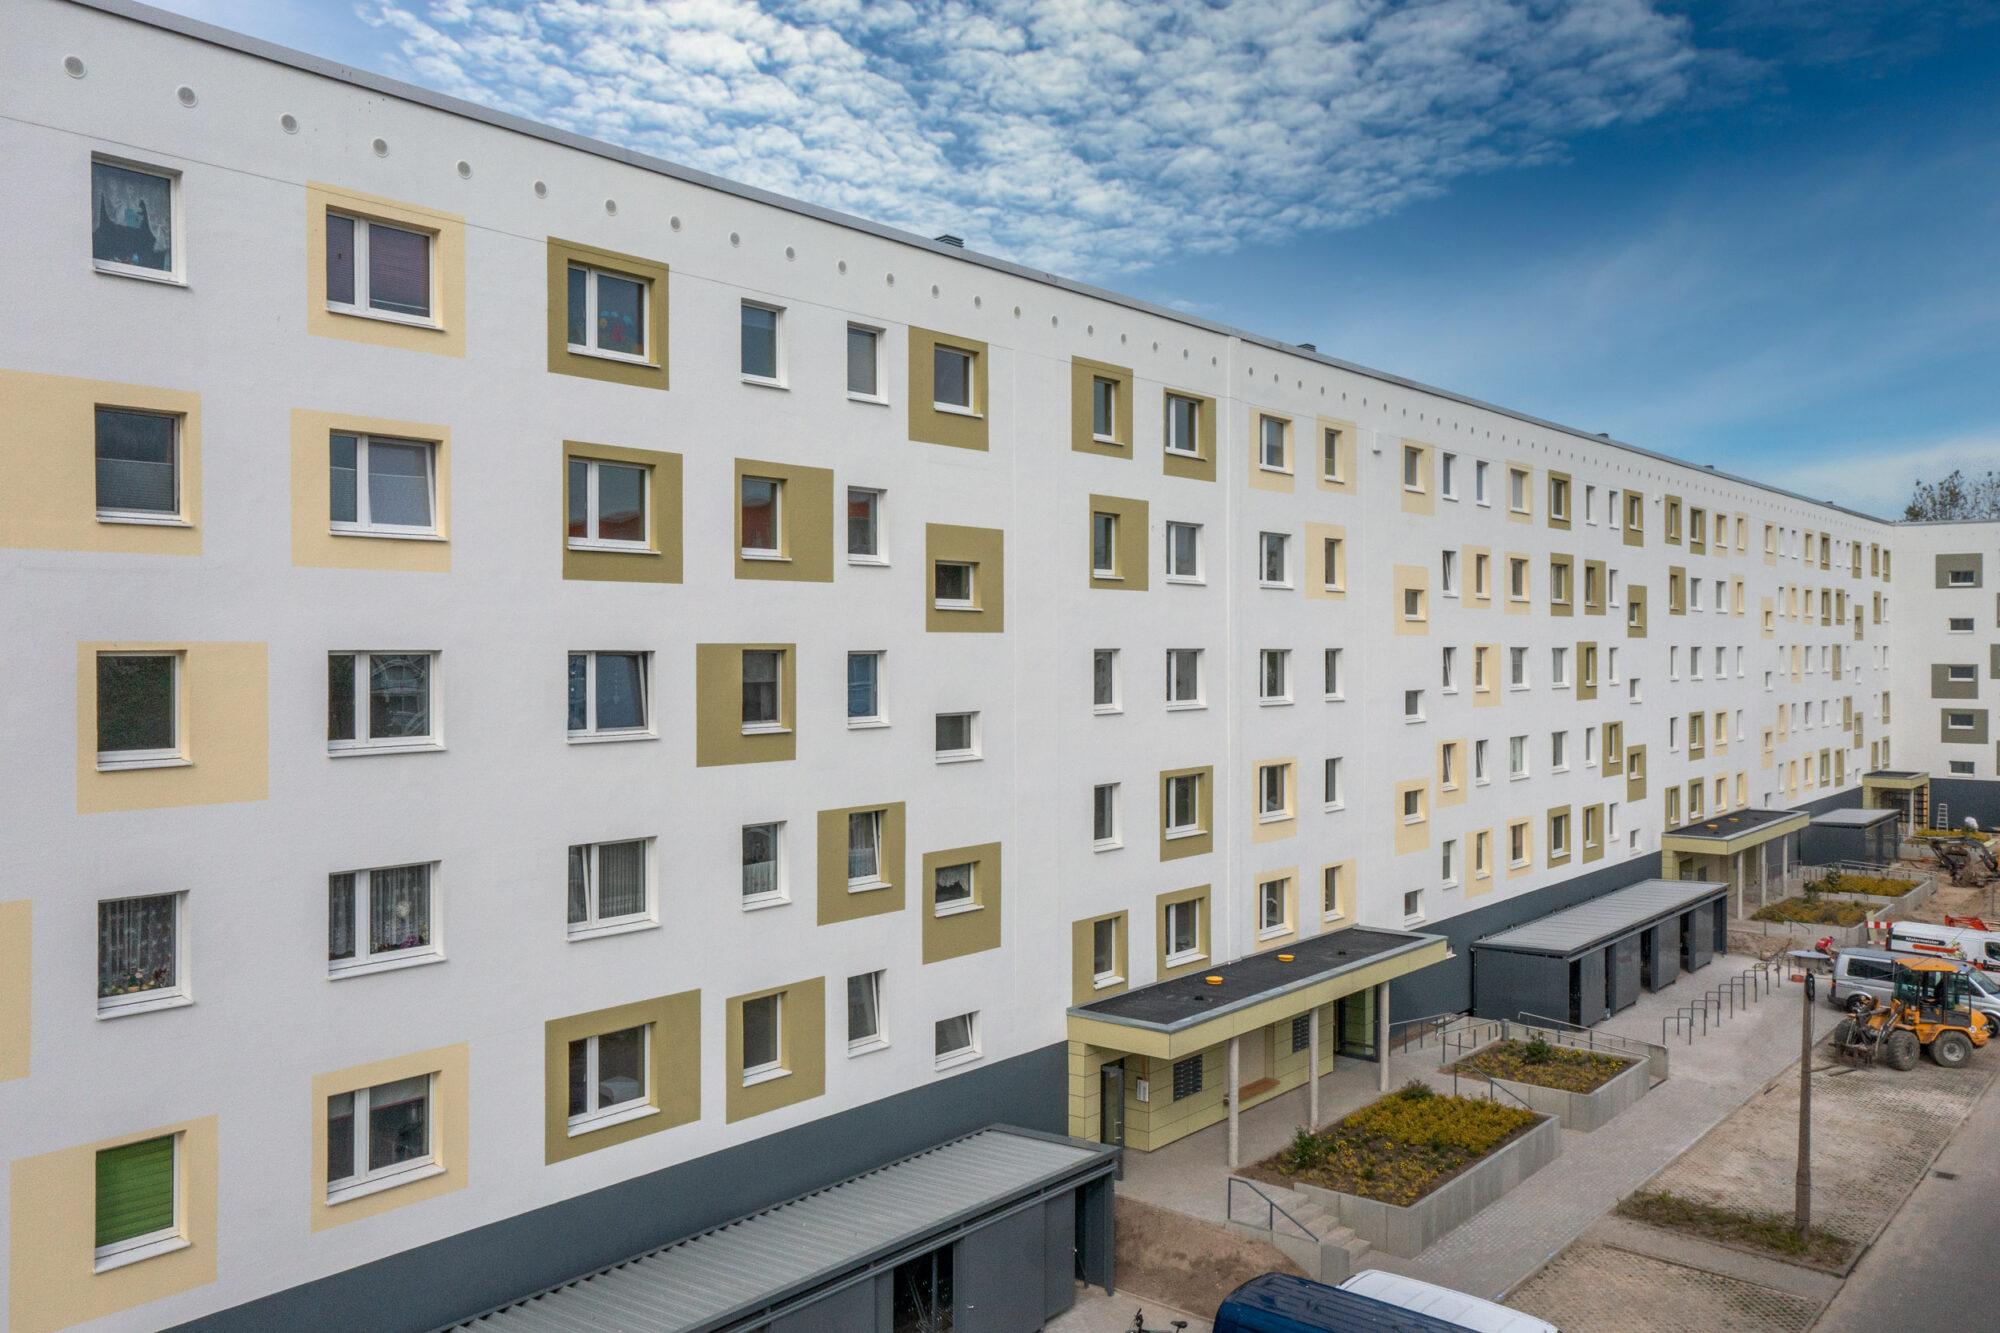 Farbefrohe Fassadengestaltung